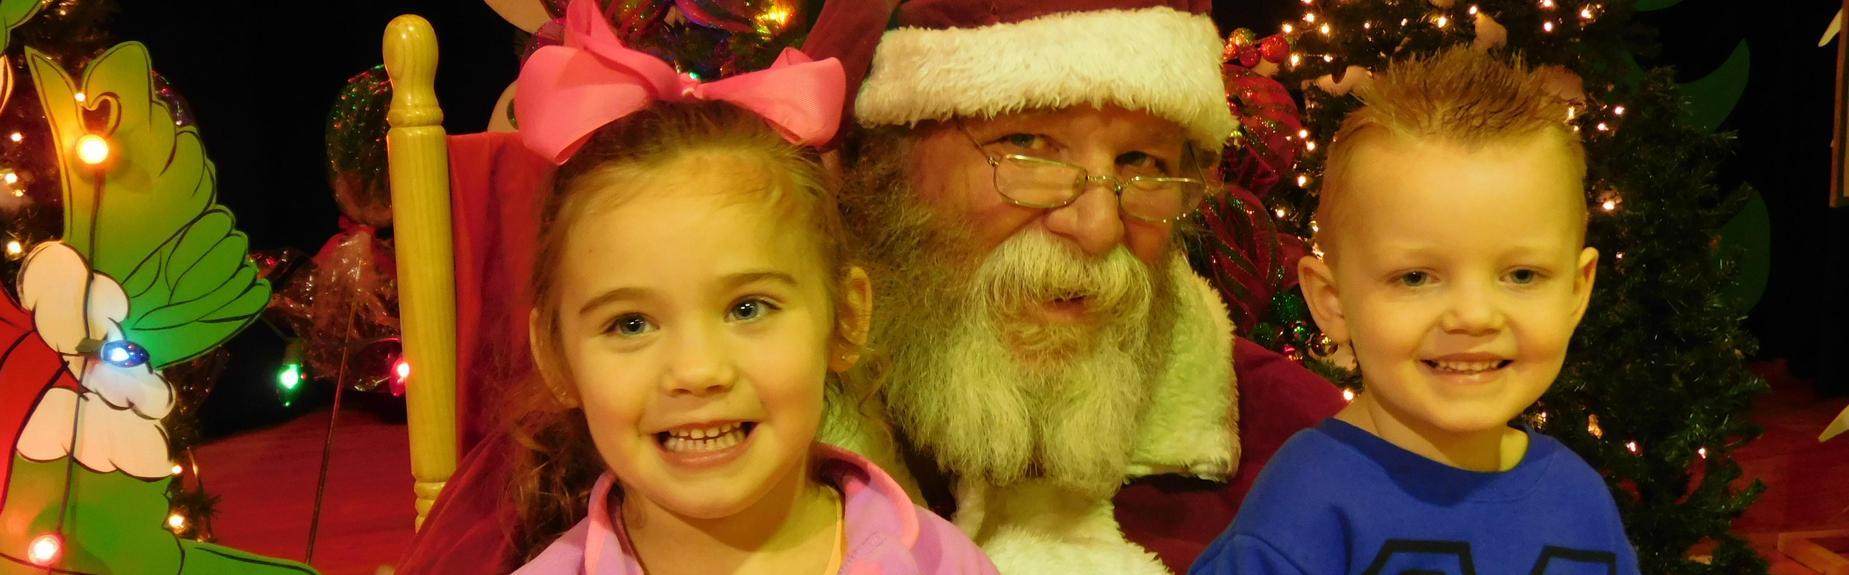 Santa and North friends